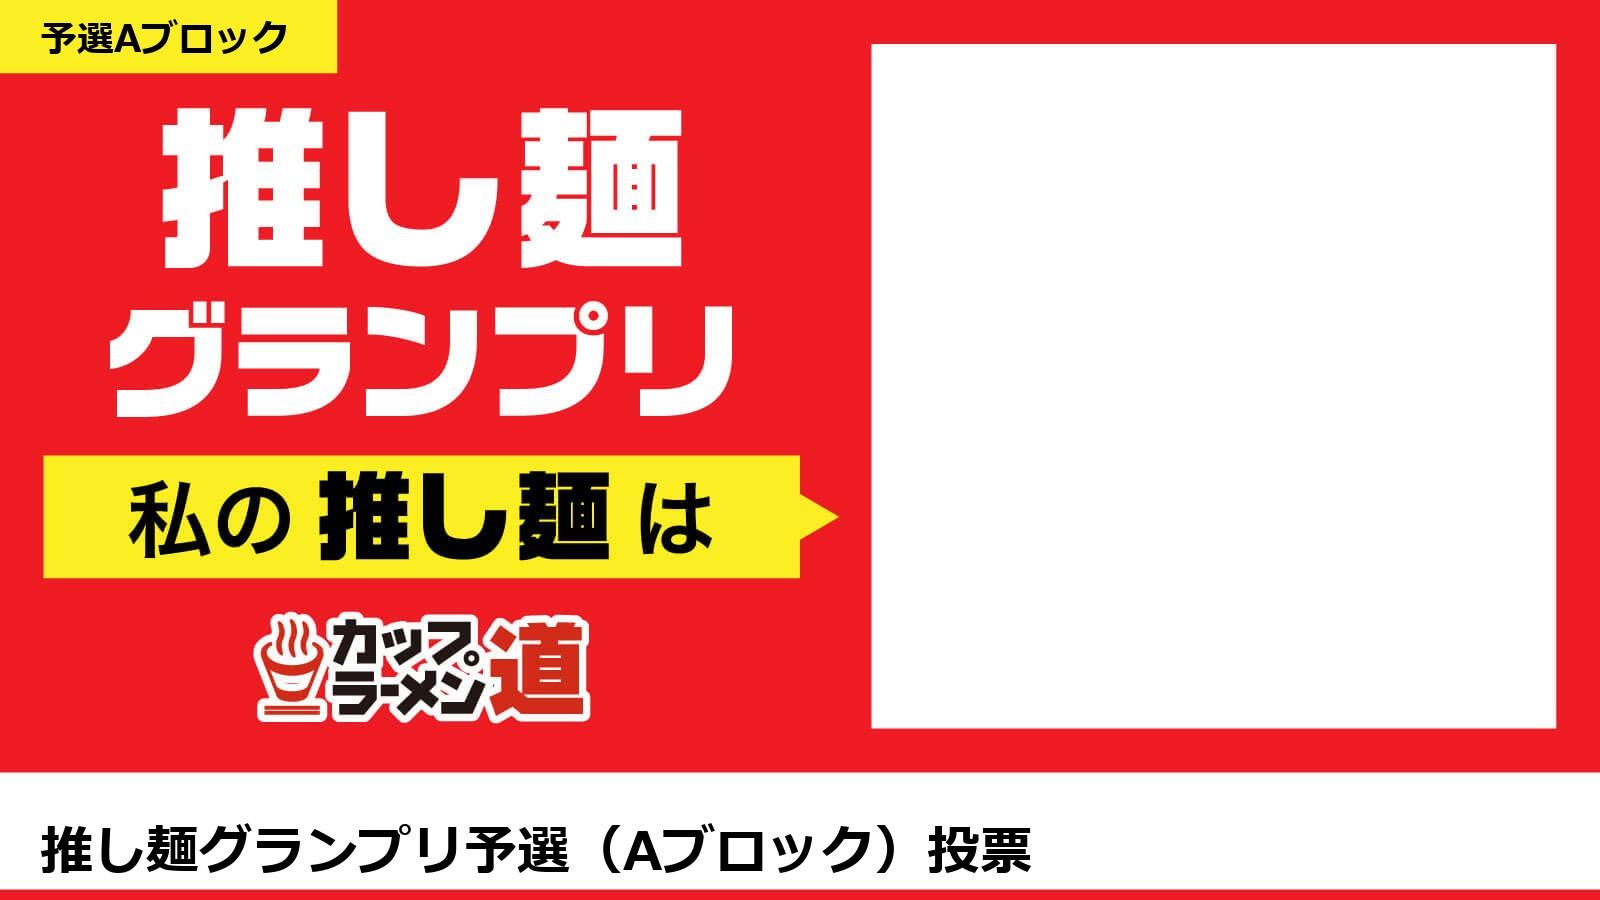 【推し麺グランプリ】私の推し麺は「推し麺グランプリ予選(Aブロック)投票」